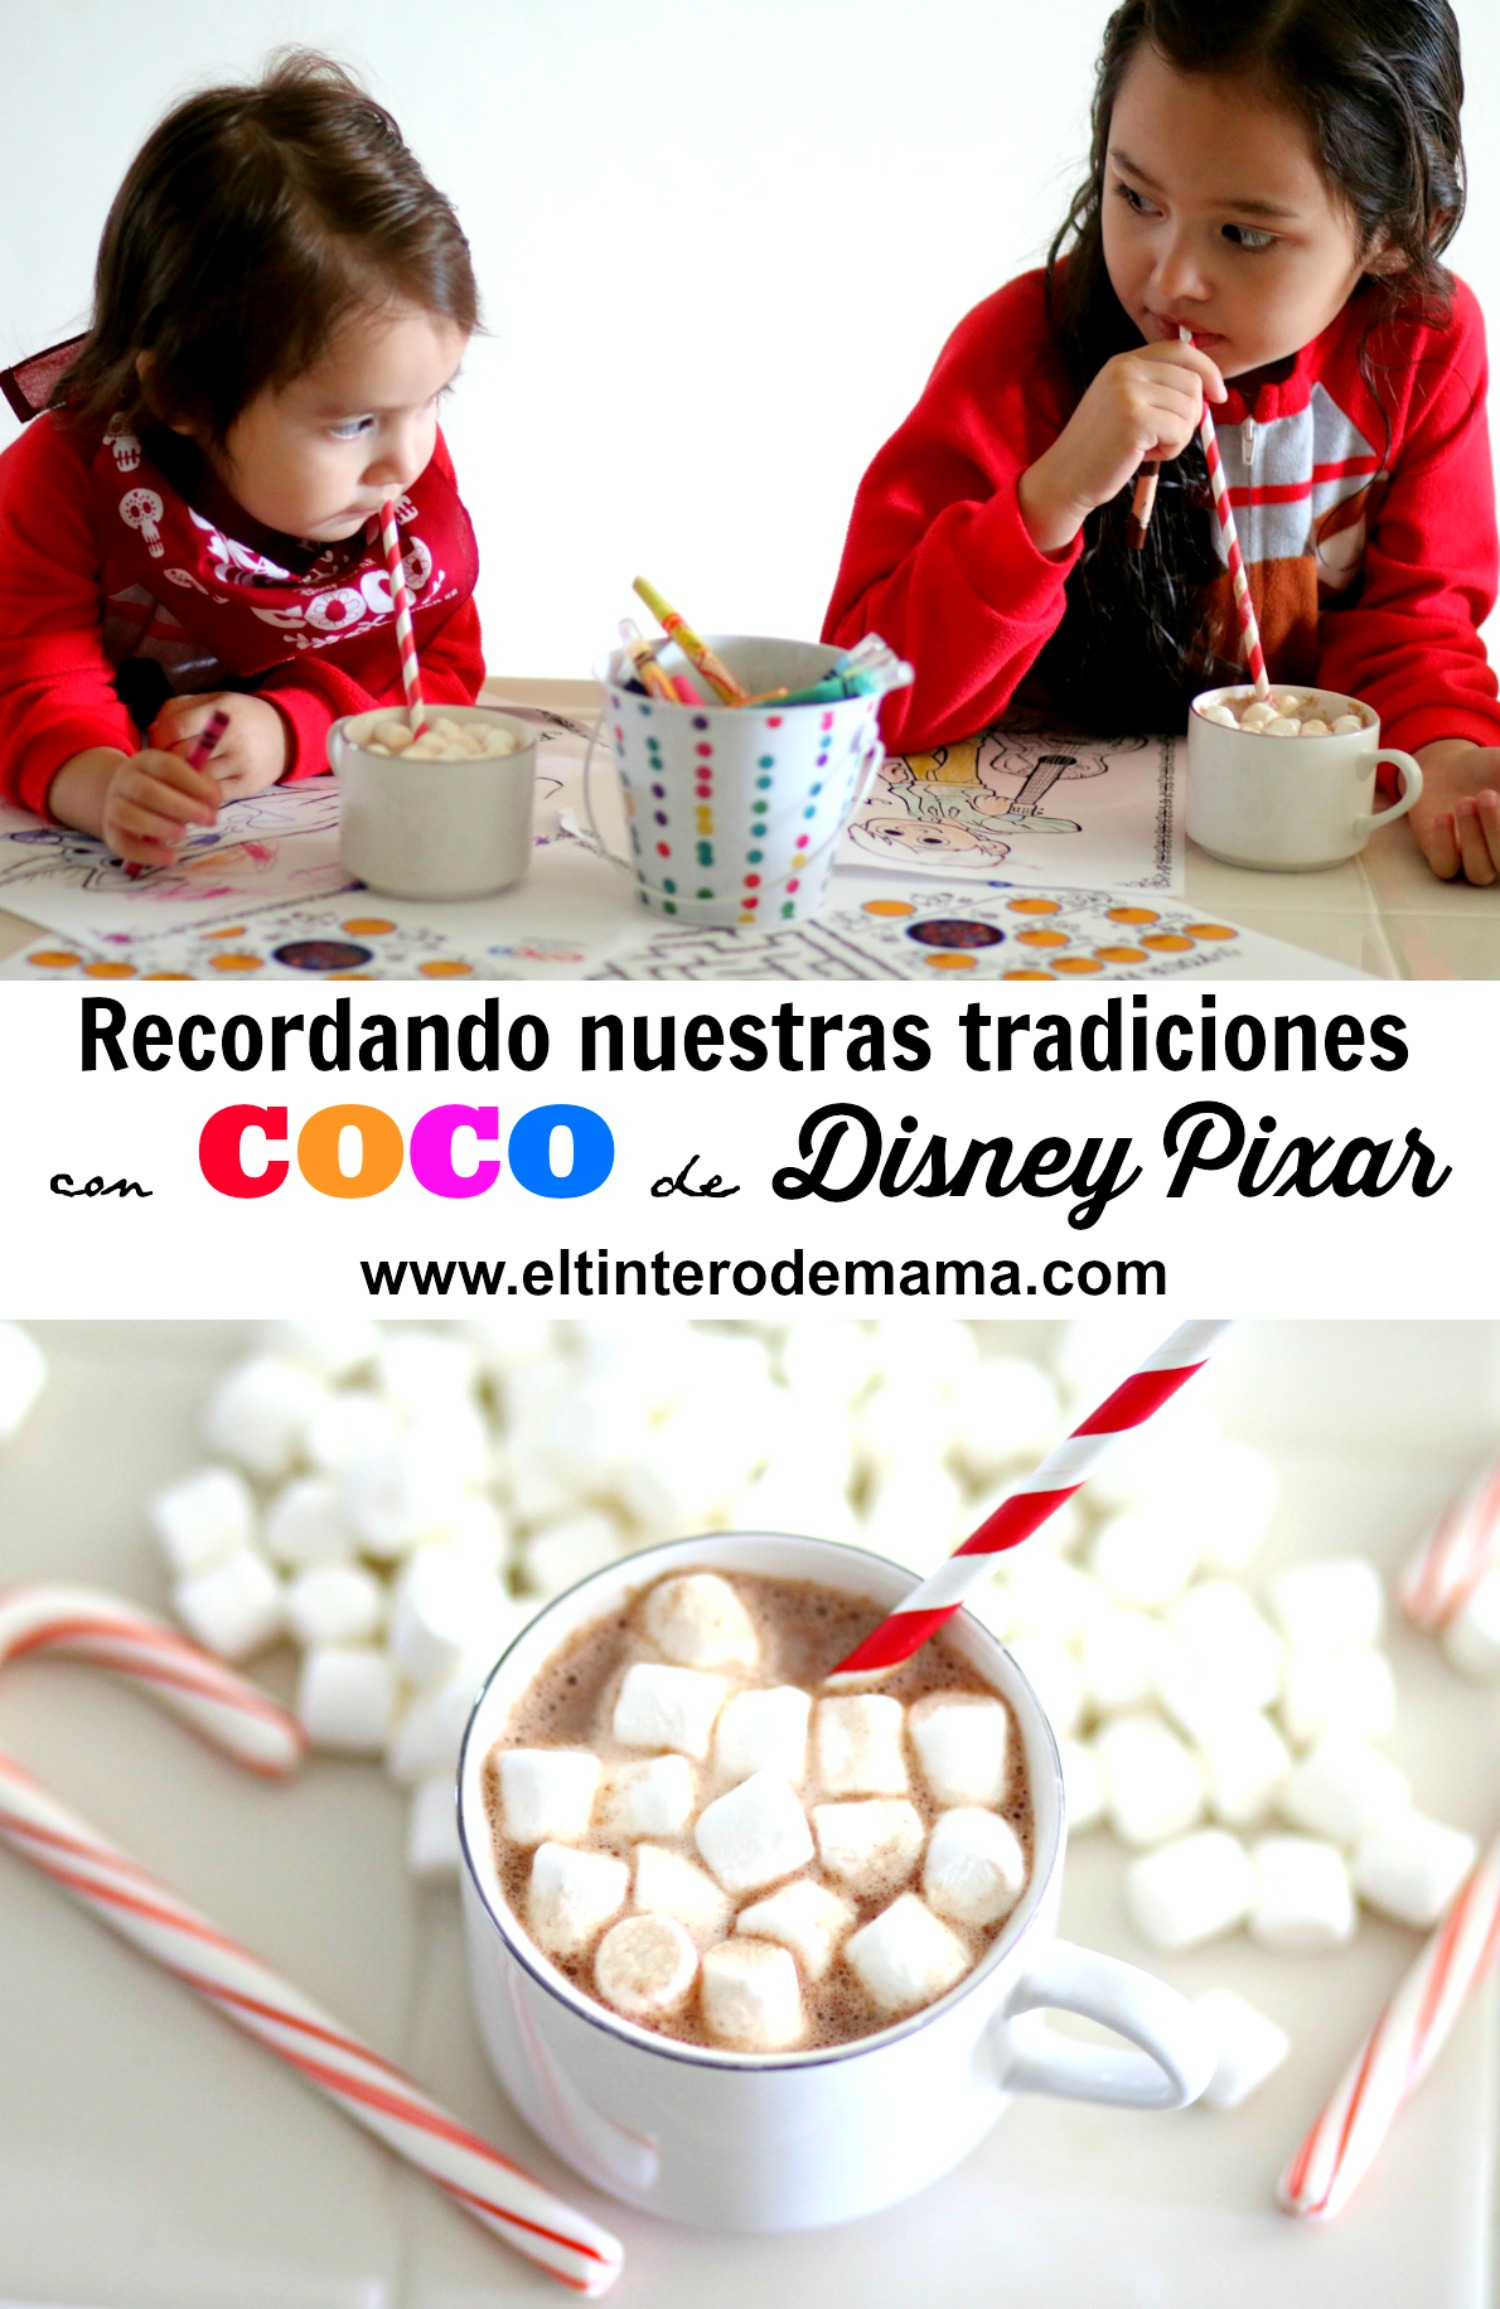 Recordando-nuestras-tradiciones-con-Coco